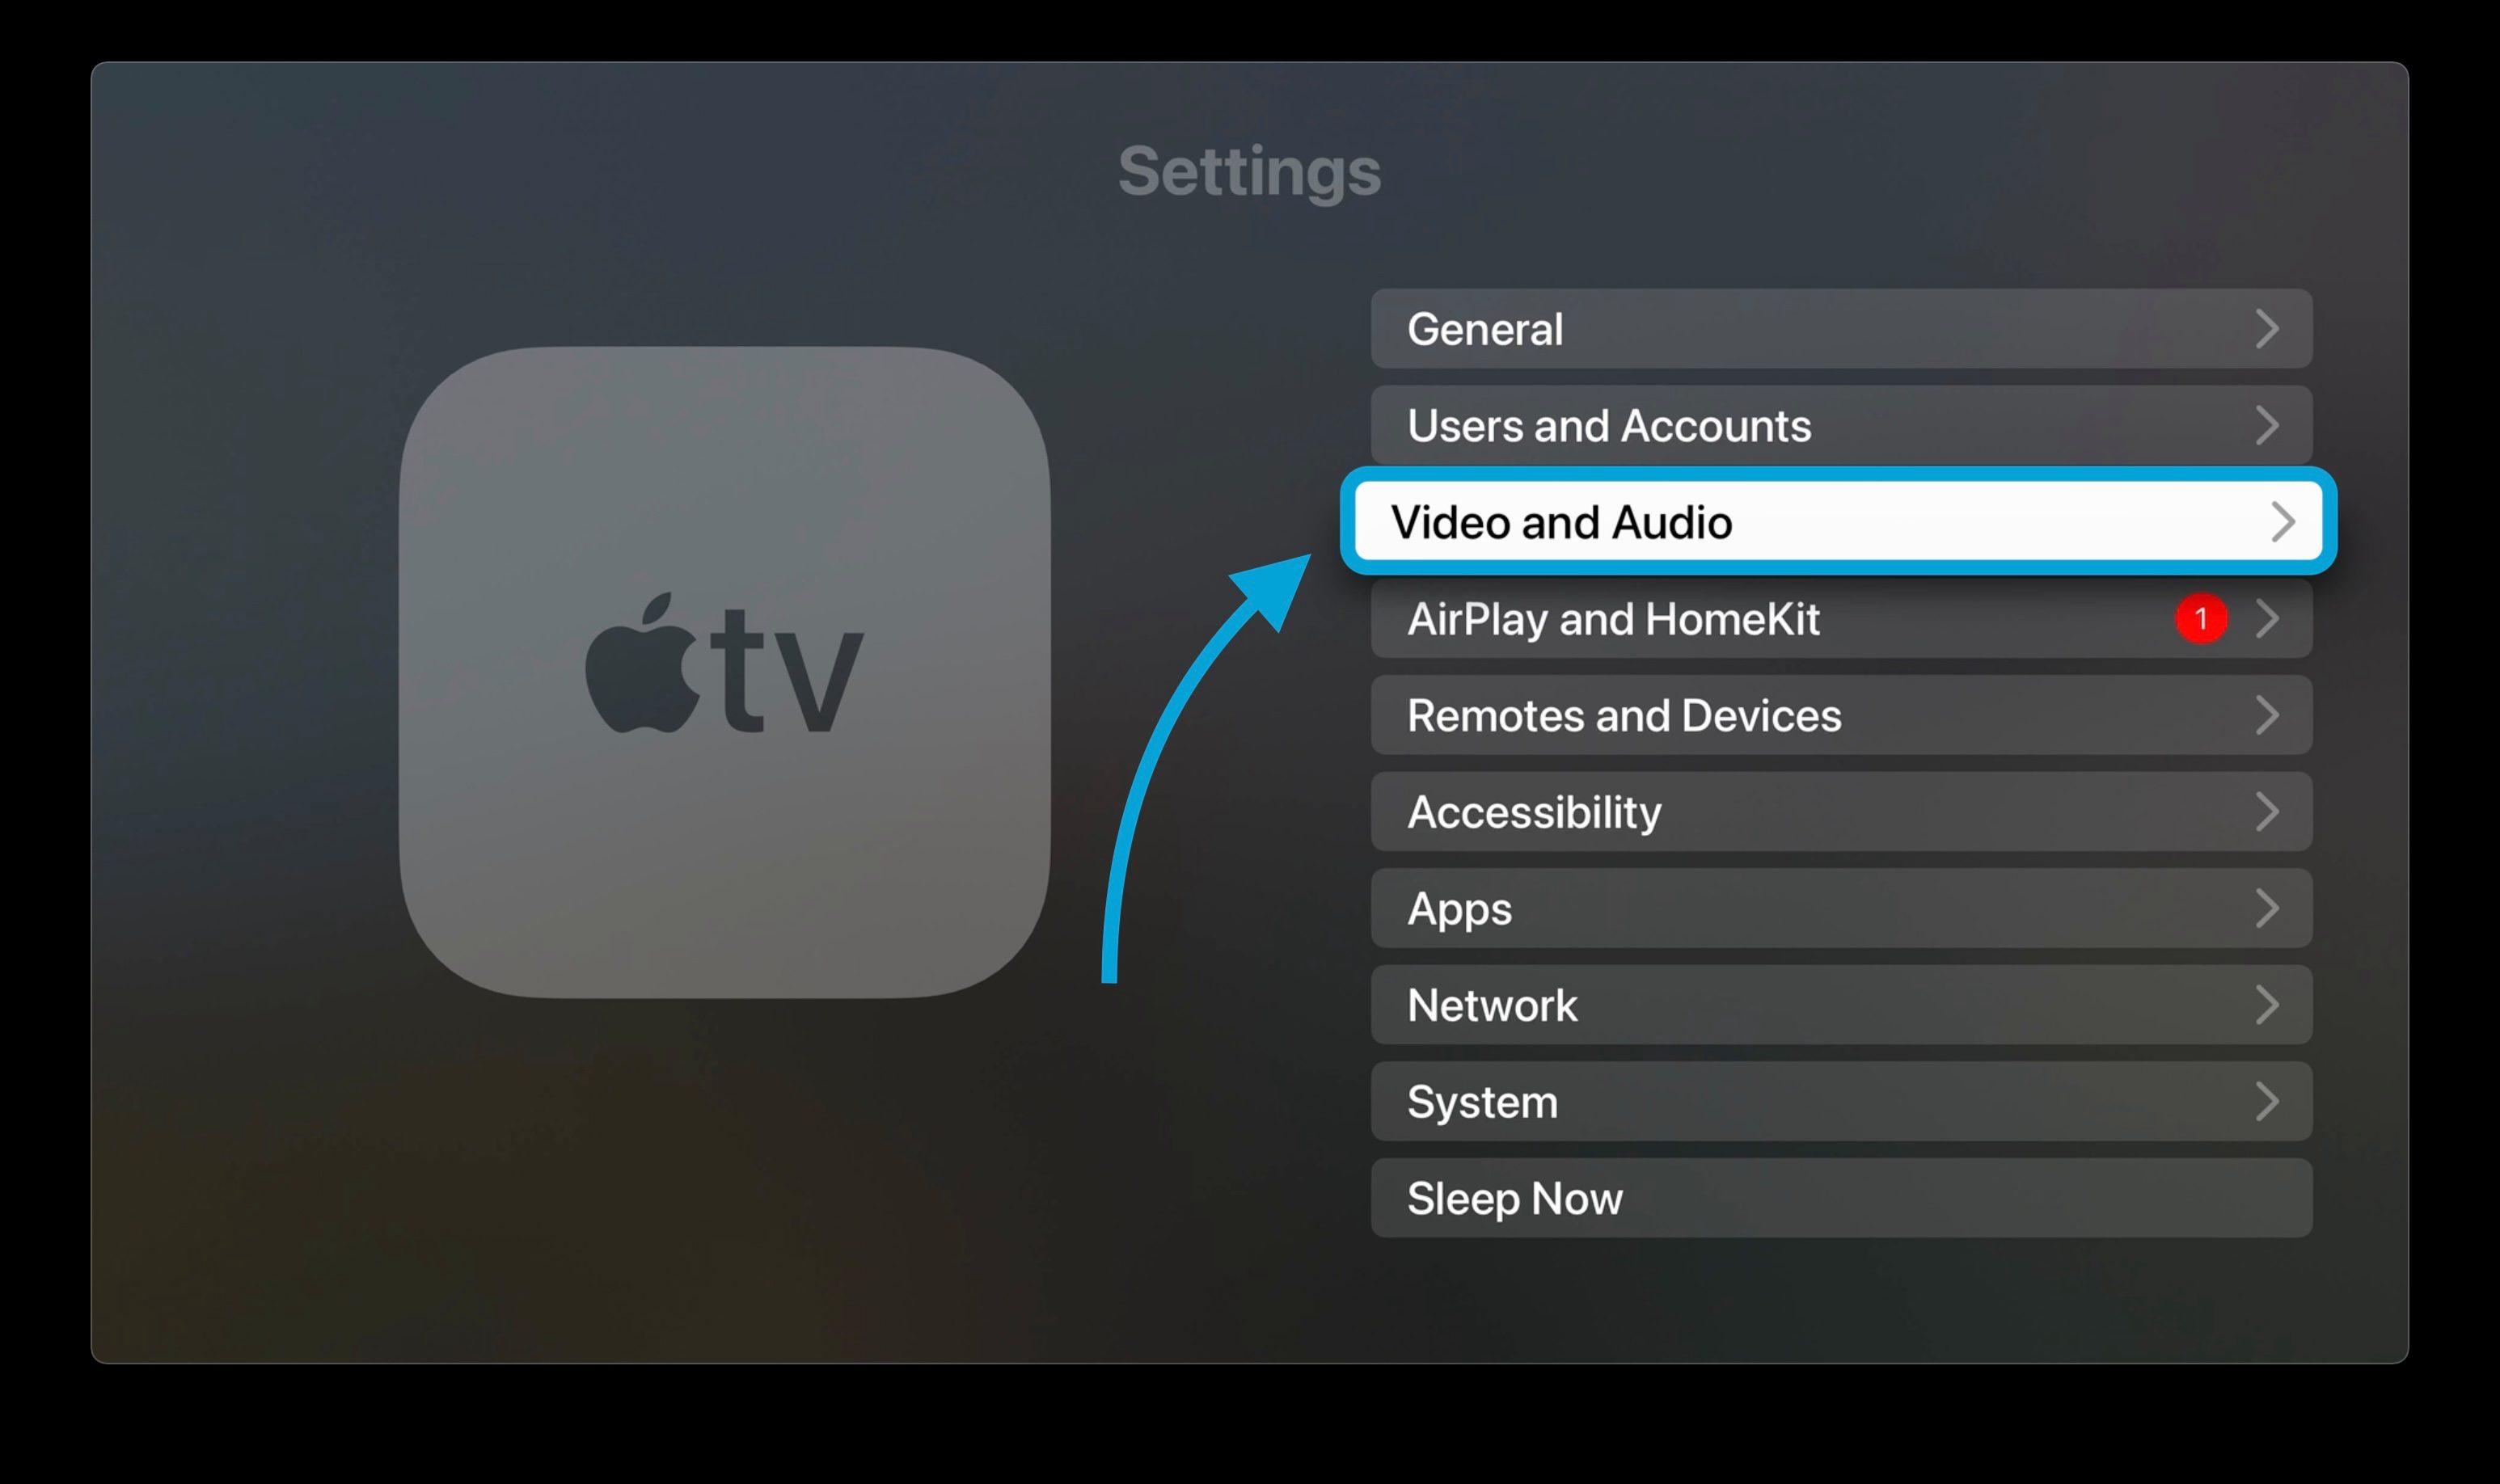 نحوه تنظیم HomePod به عنوان تنظیمات پیش فرض بلندگو در Apple TV 1 - در تنظیمات گزینه Video و Audio را انتخاب کنید